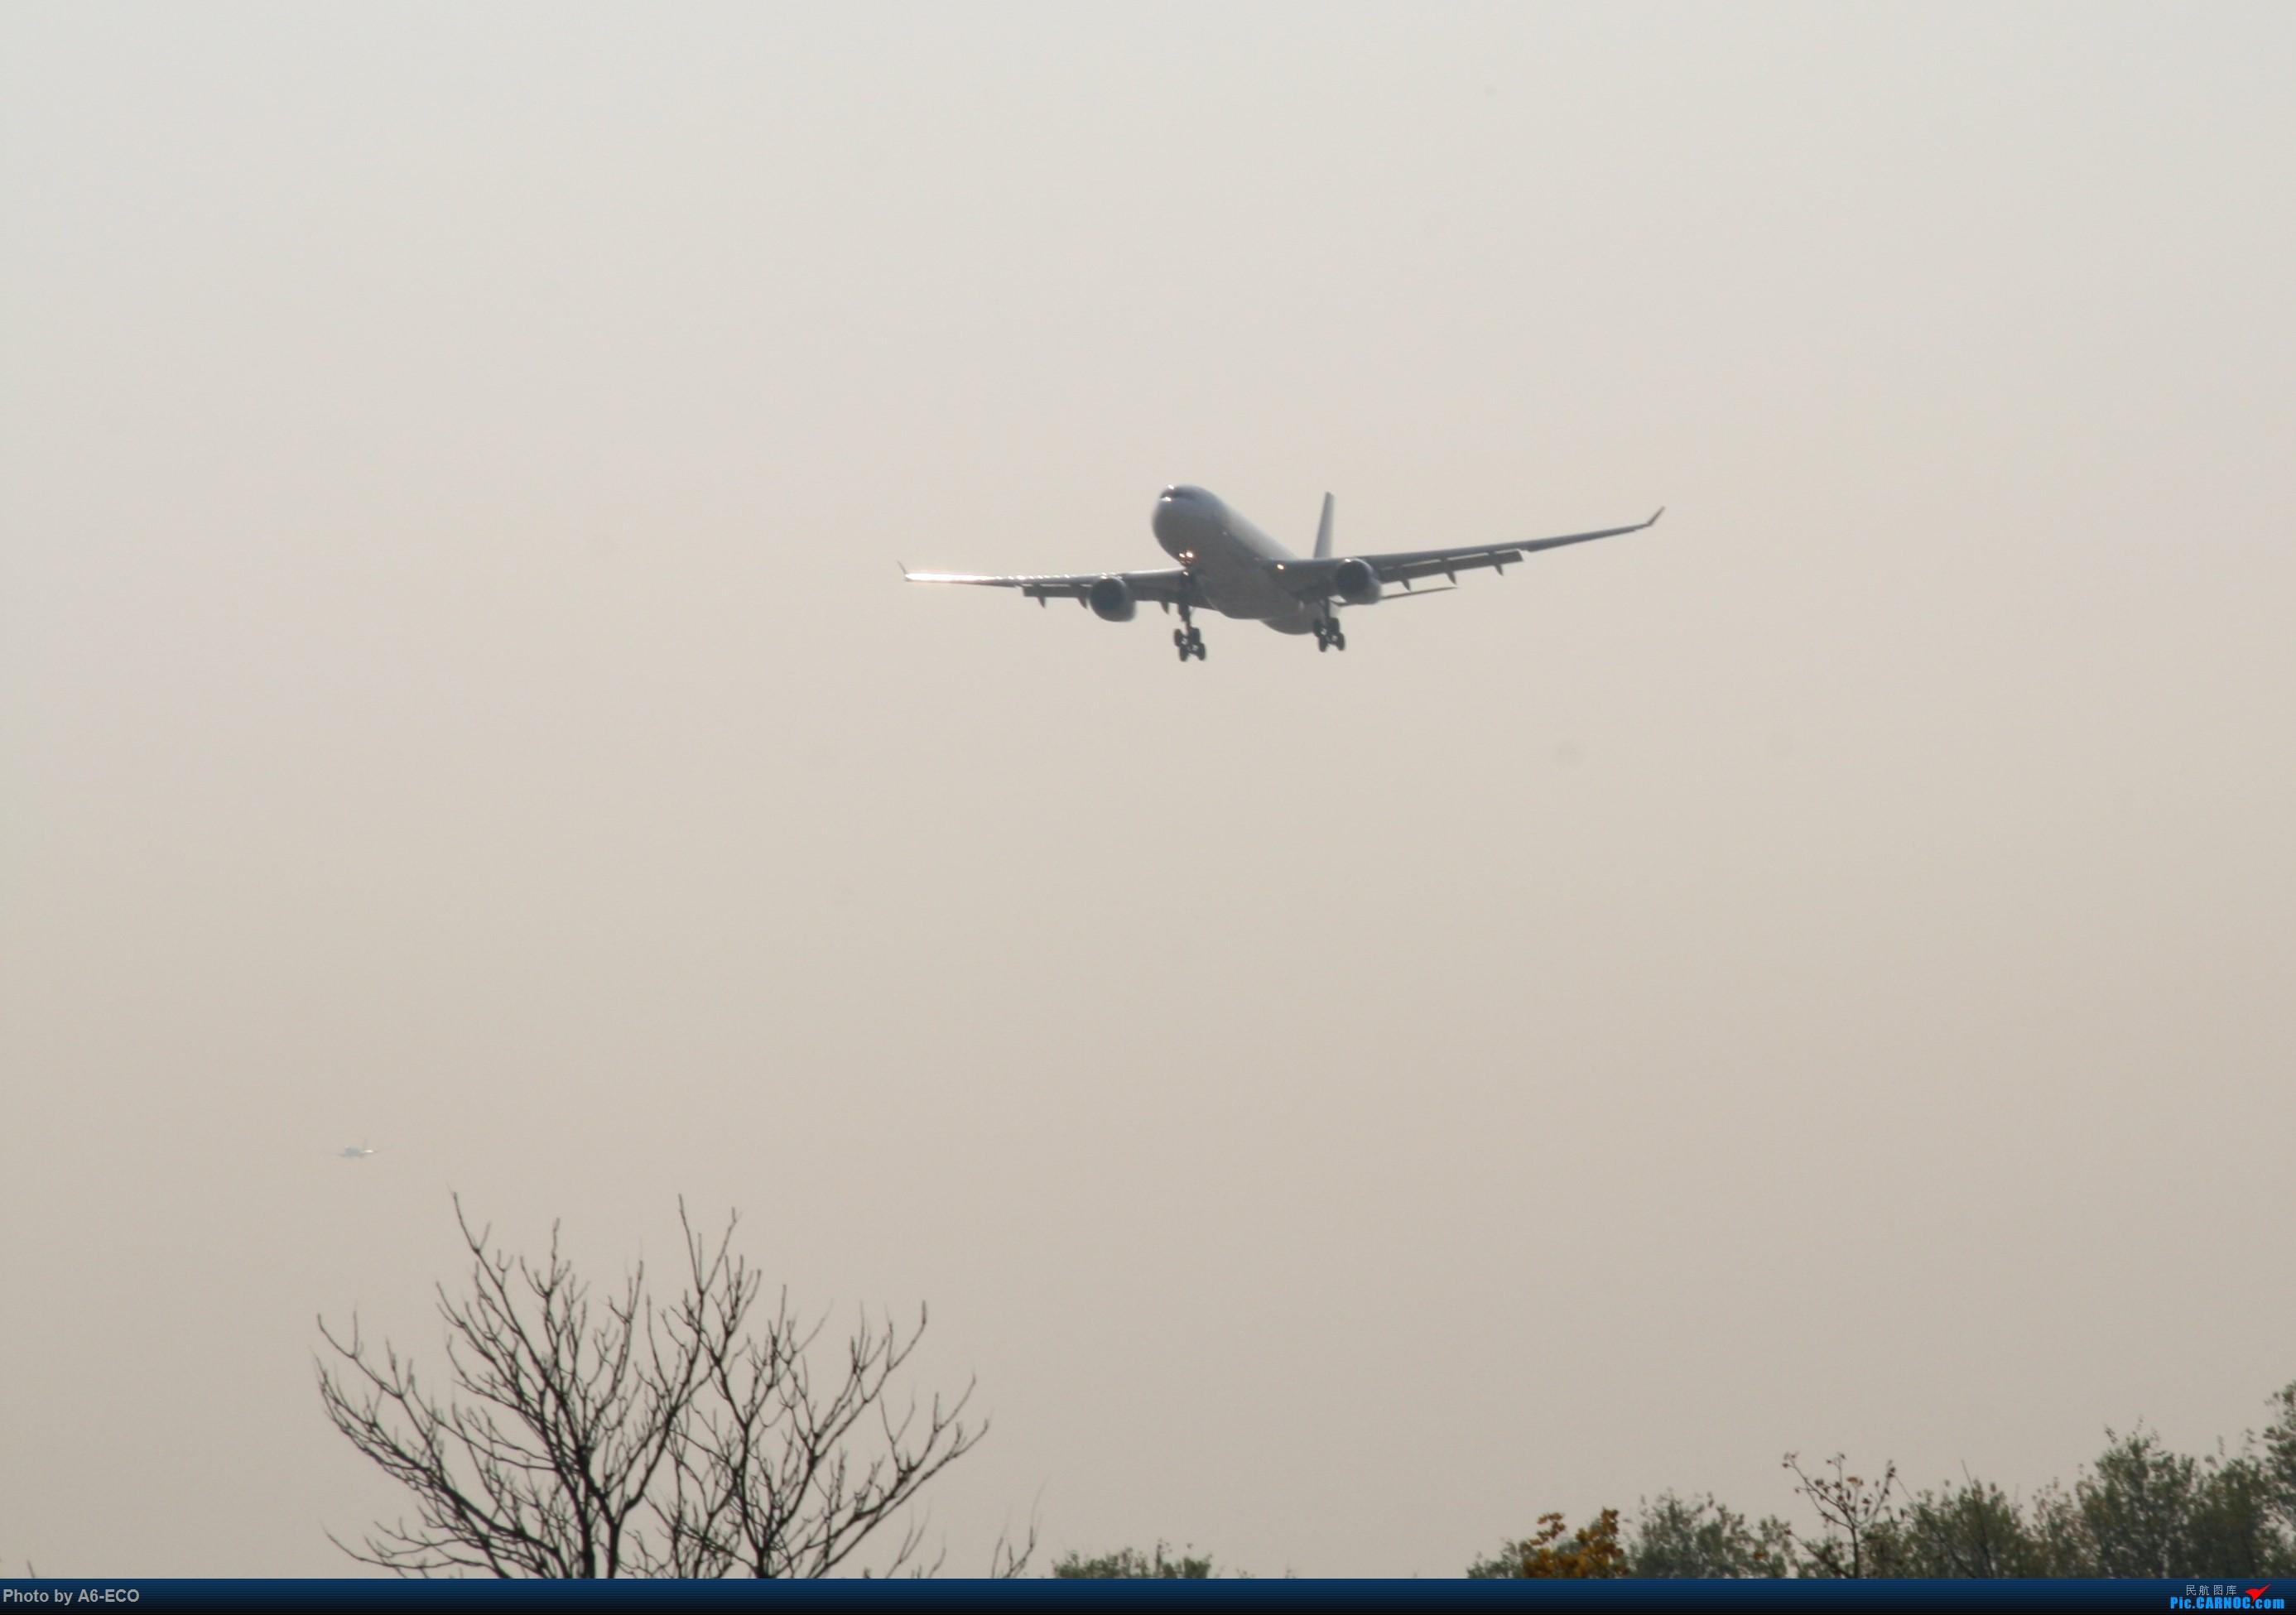 Re:[原创]大家双十一都du'o了什么?我在pek拍机 AIRBUS A330-300 B-302E 中国北京首都国际机场